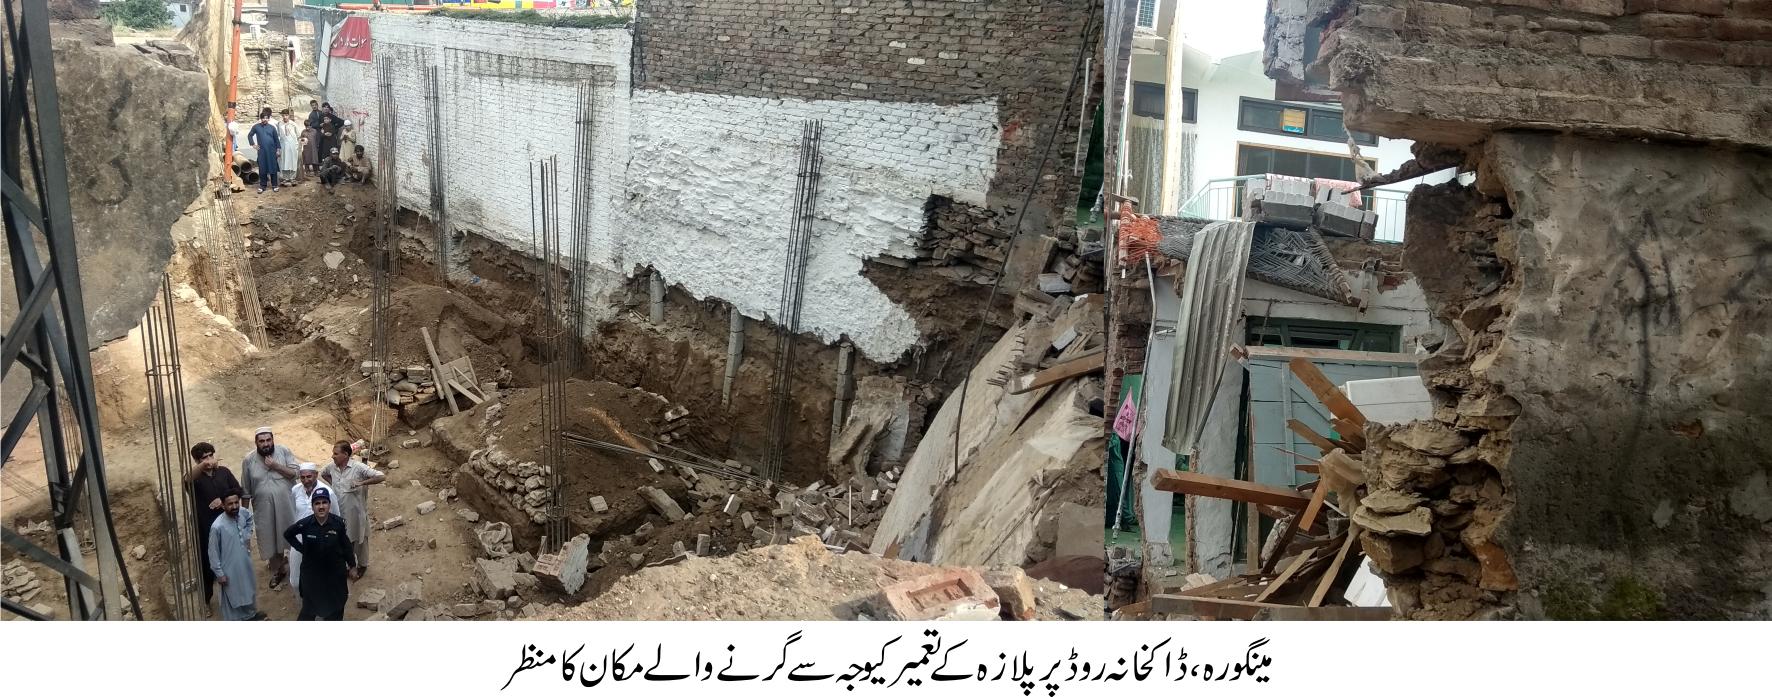 مینگورہ شہر میں مکان زمین بوس ،اہلخانہ بال بال گئیں